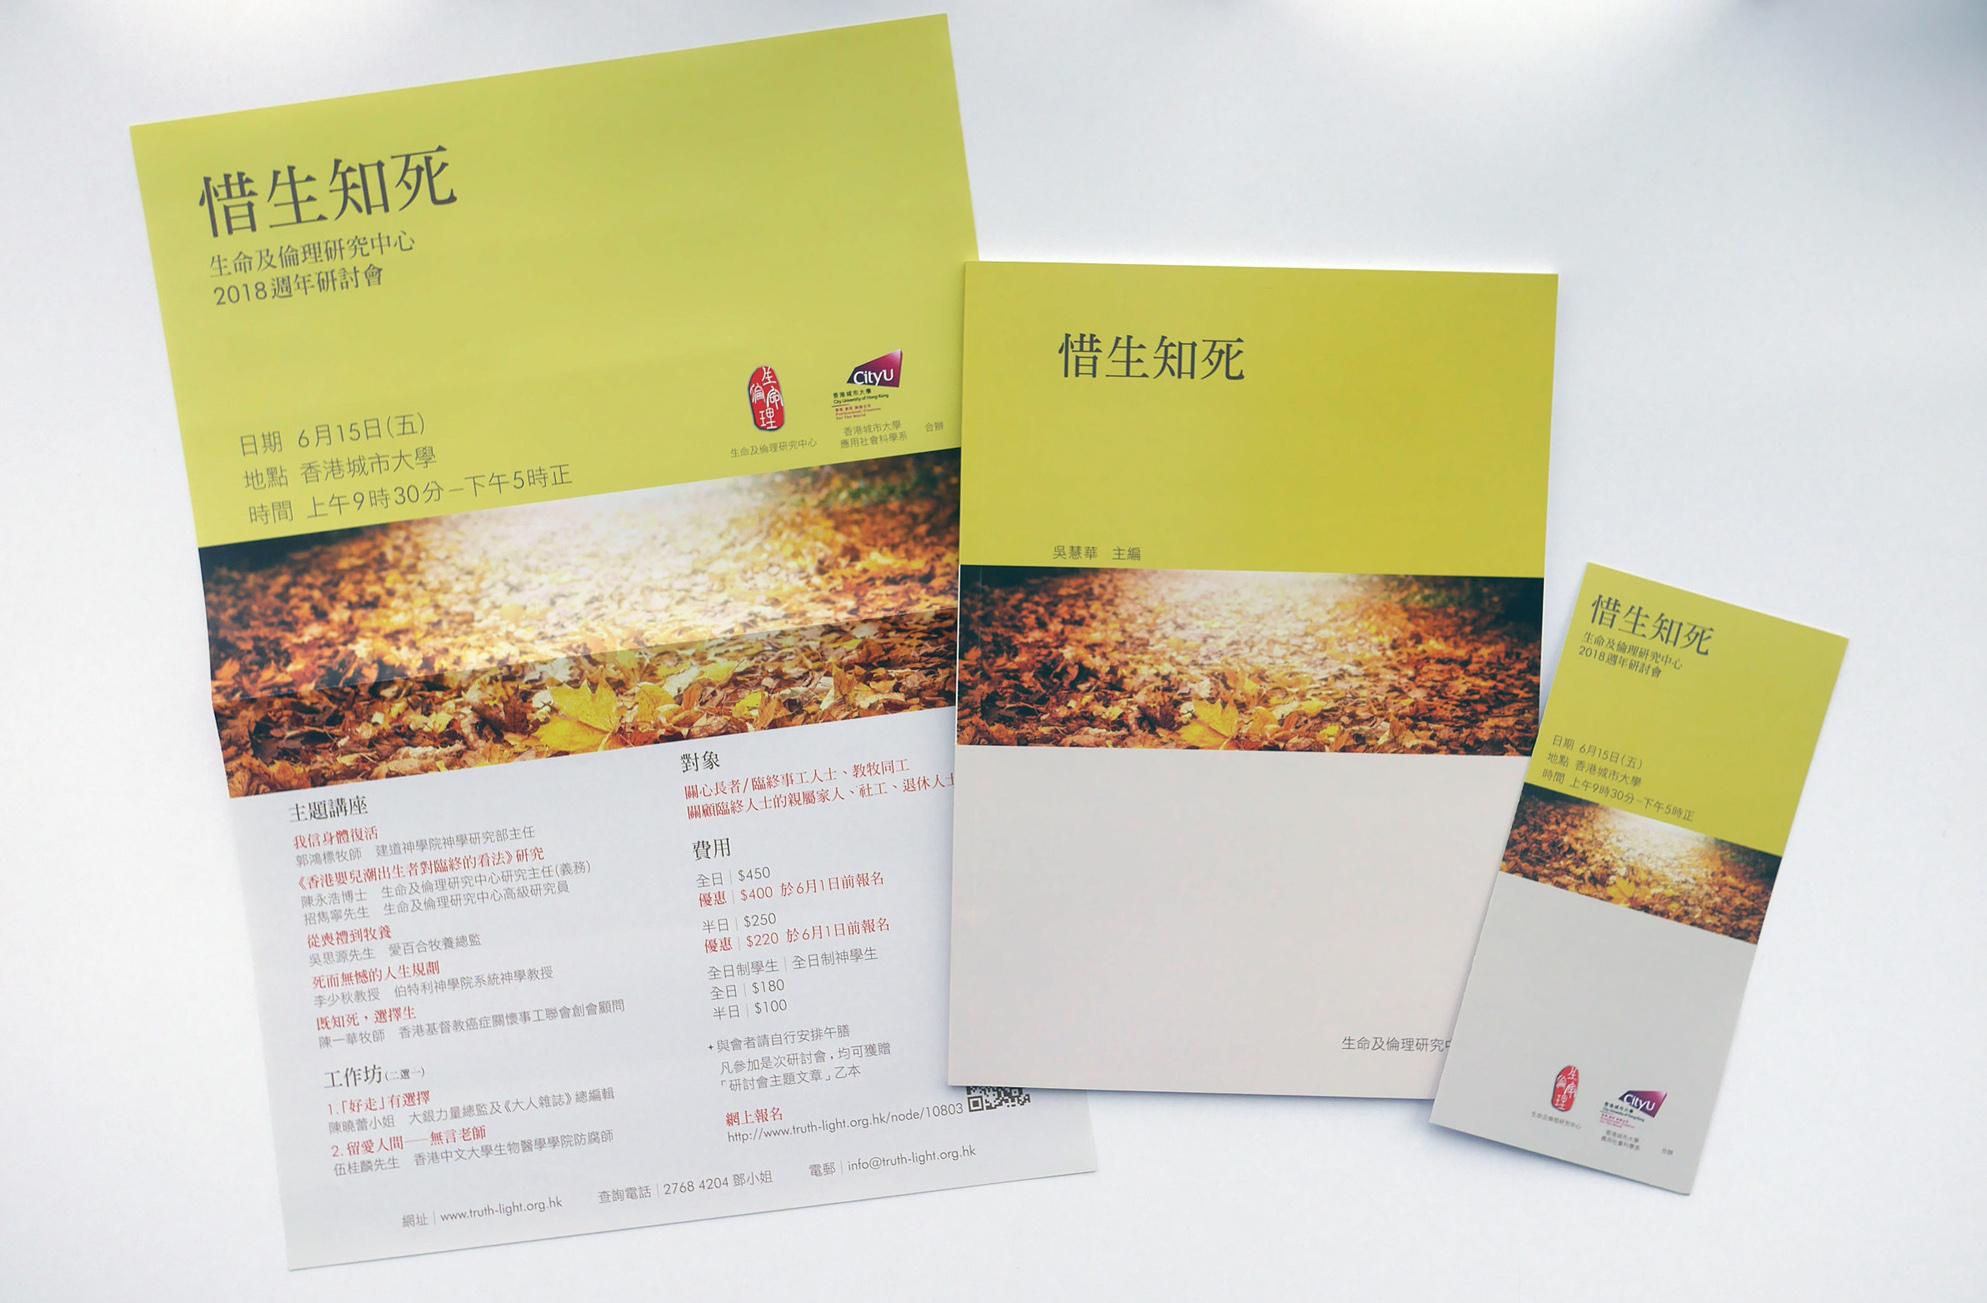 2018 conference poster, book and leaflet 惜生知死週年硏討會海報,書籍,宣傳單張